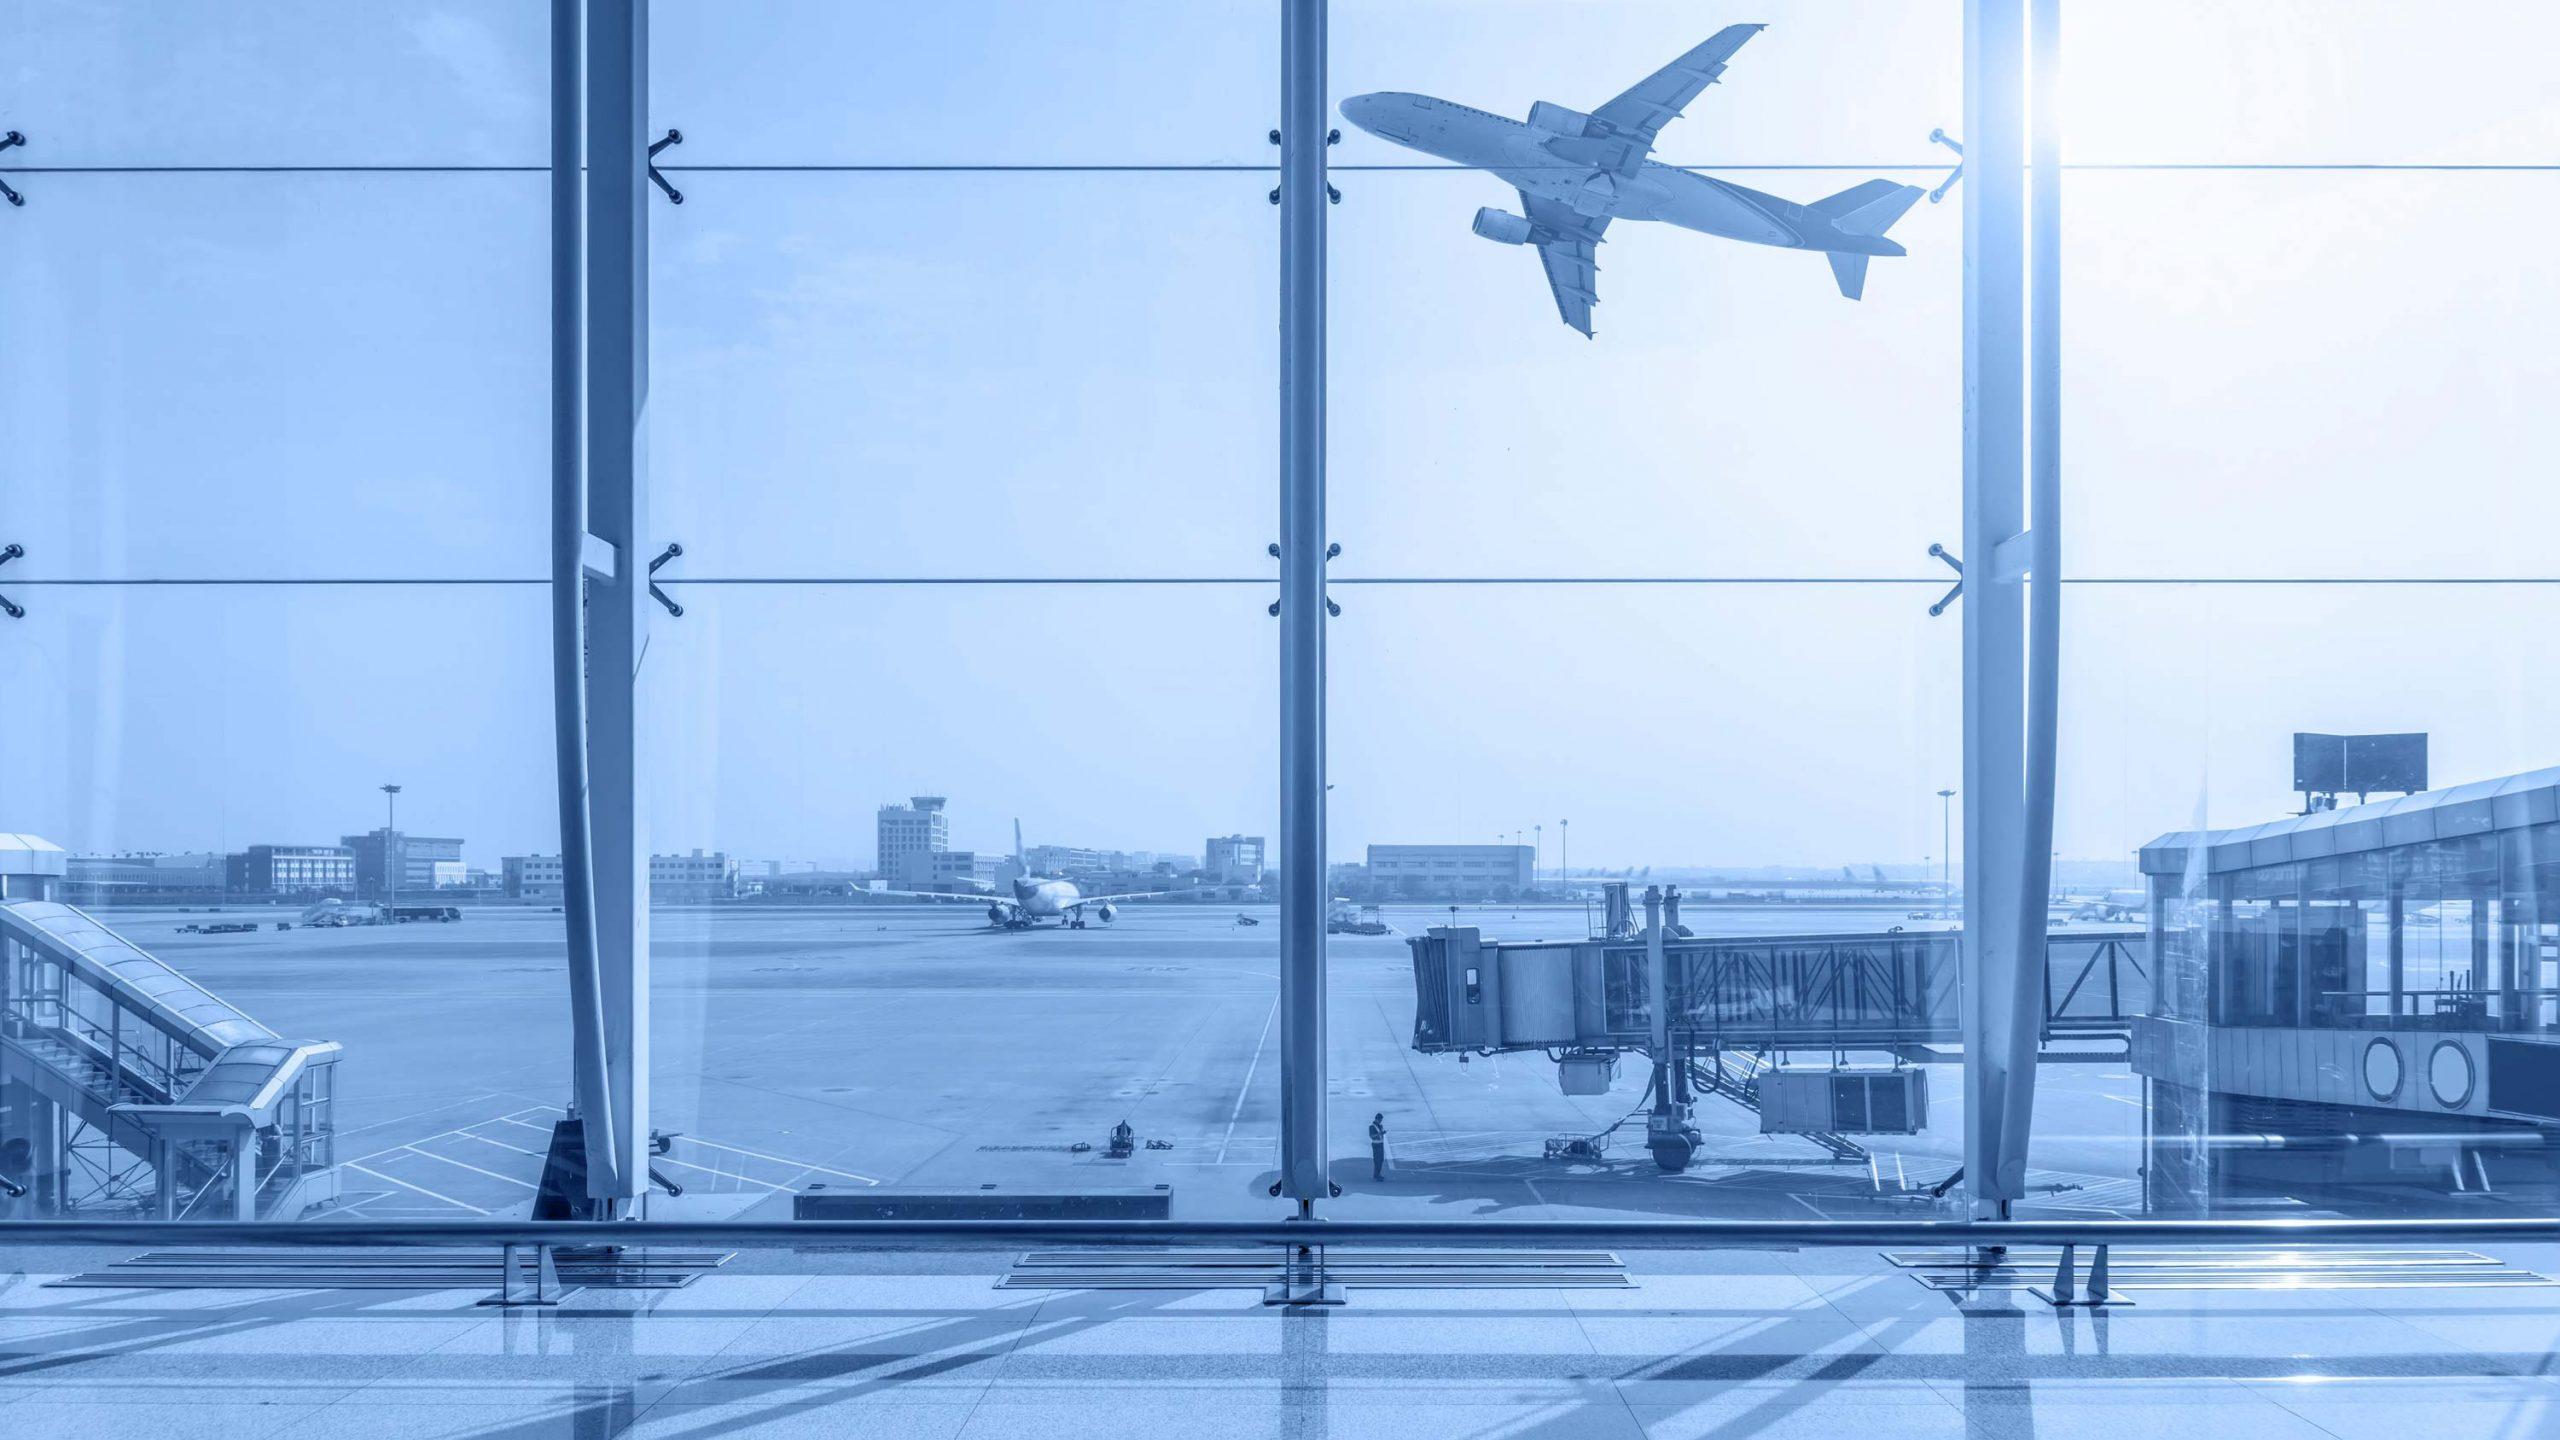 טרמינל שדה תעופה